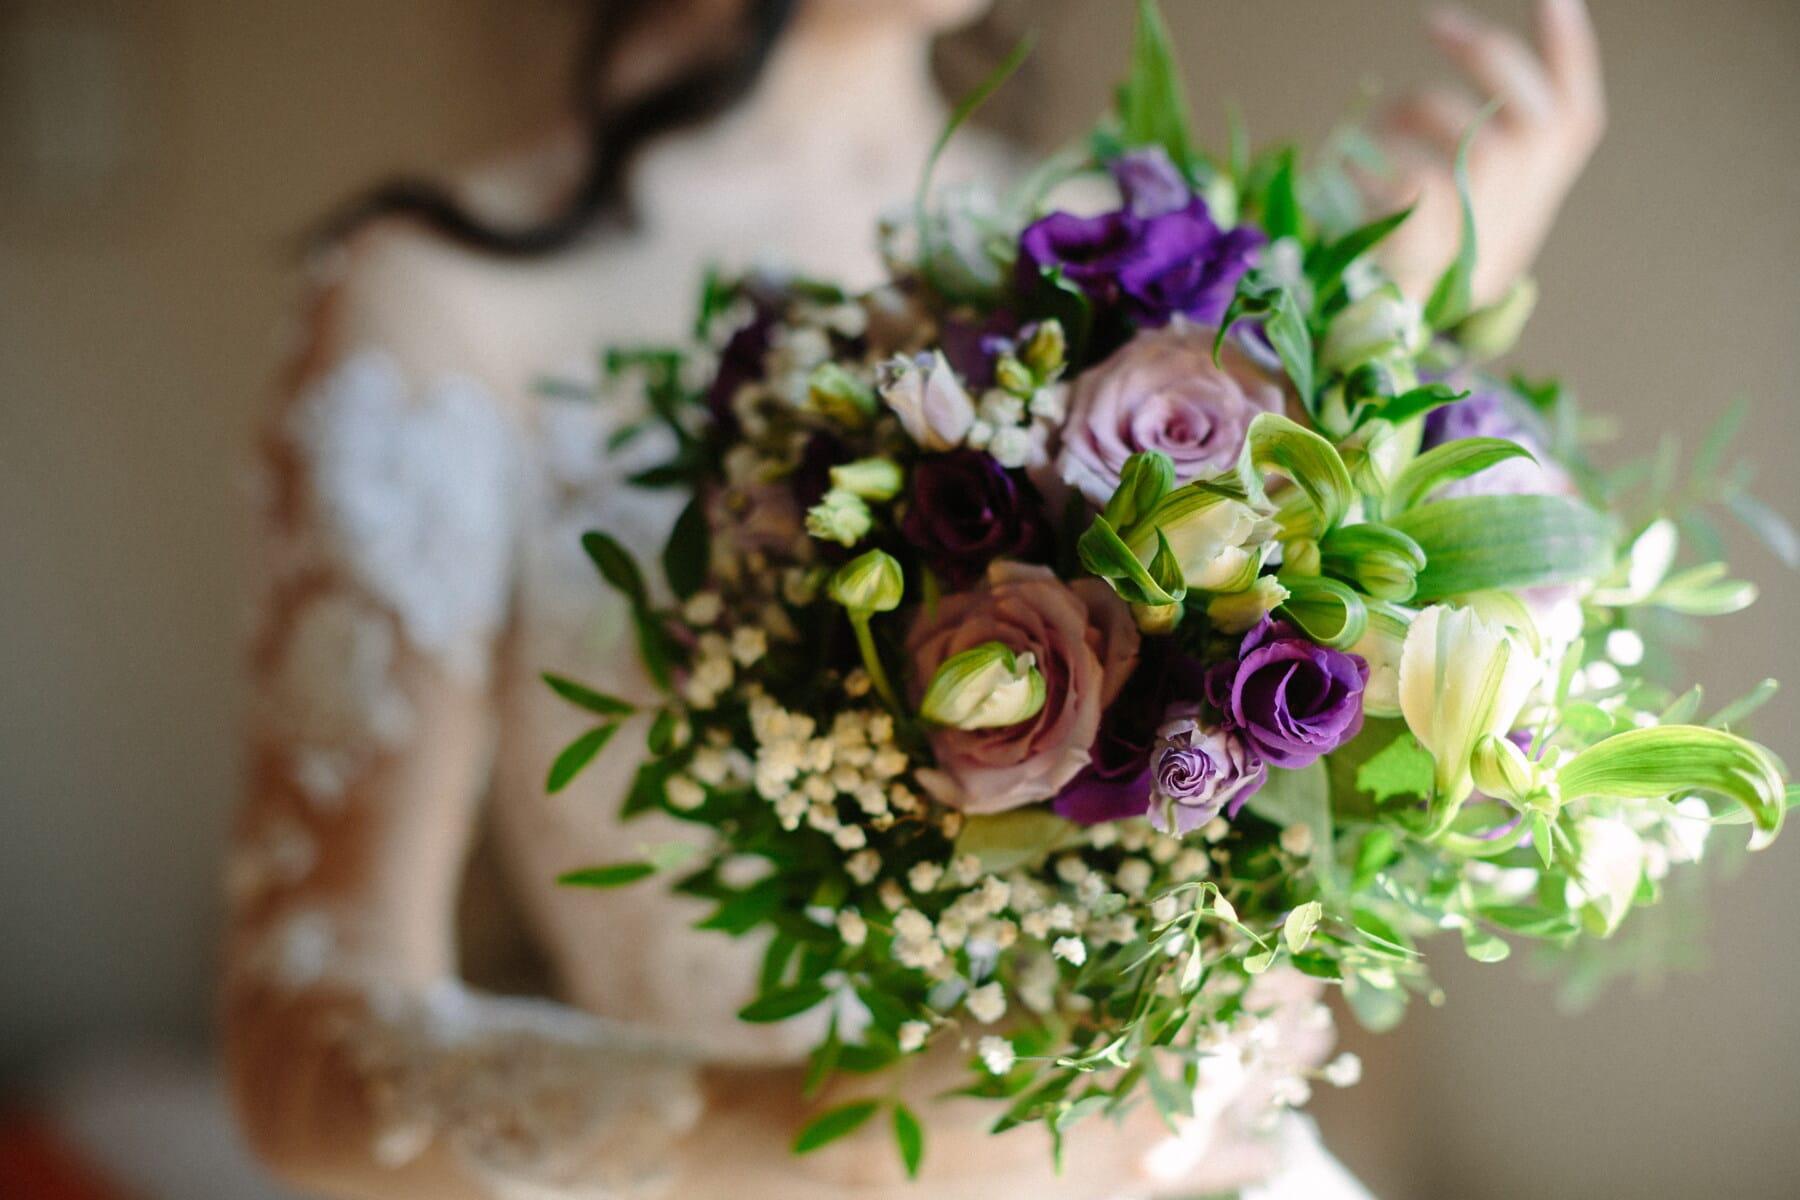 Hochzeitsstrauß, halten, aus nächster Nähe, Braut, Hochzeit, Dekoration, Blumenstrauß, Anordnung, Natur, Blume